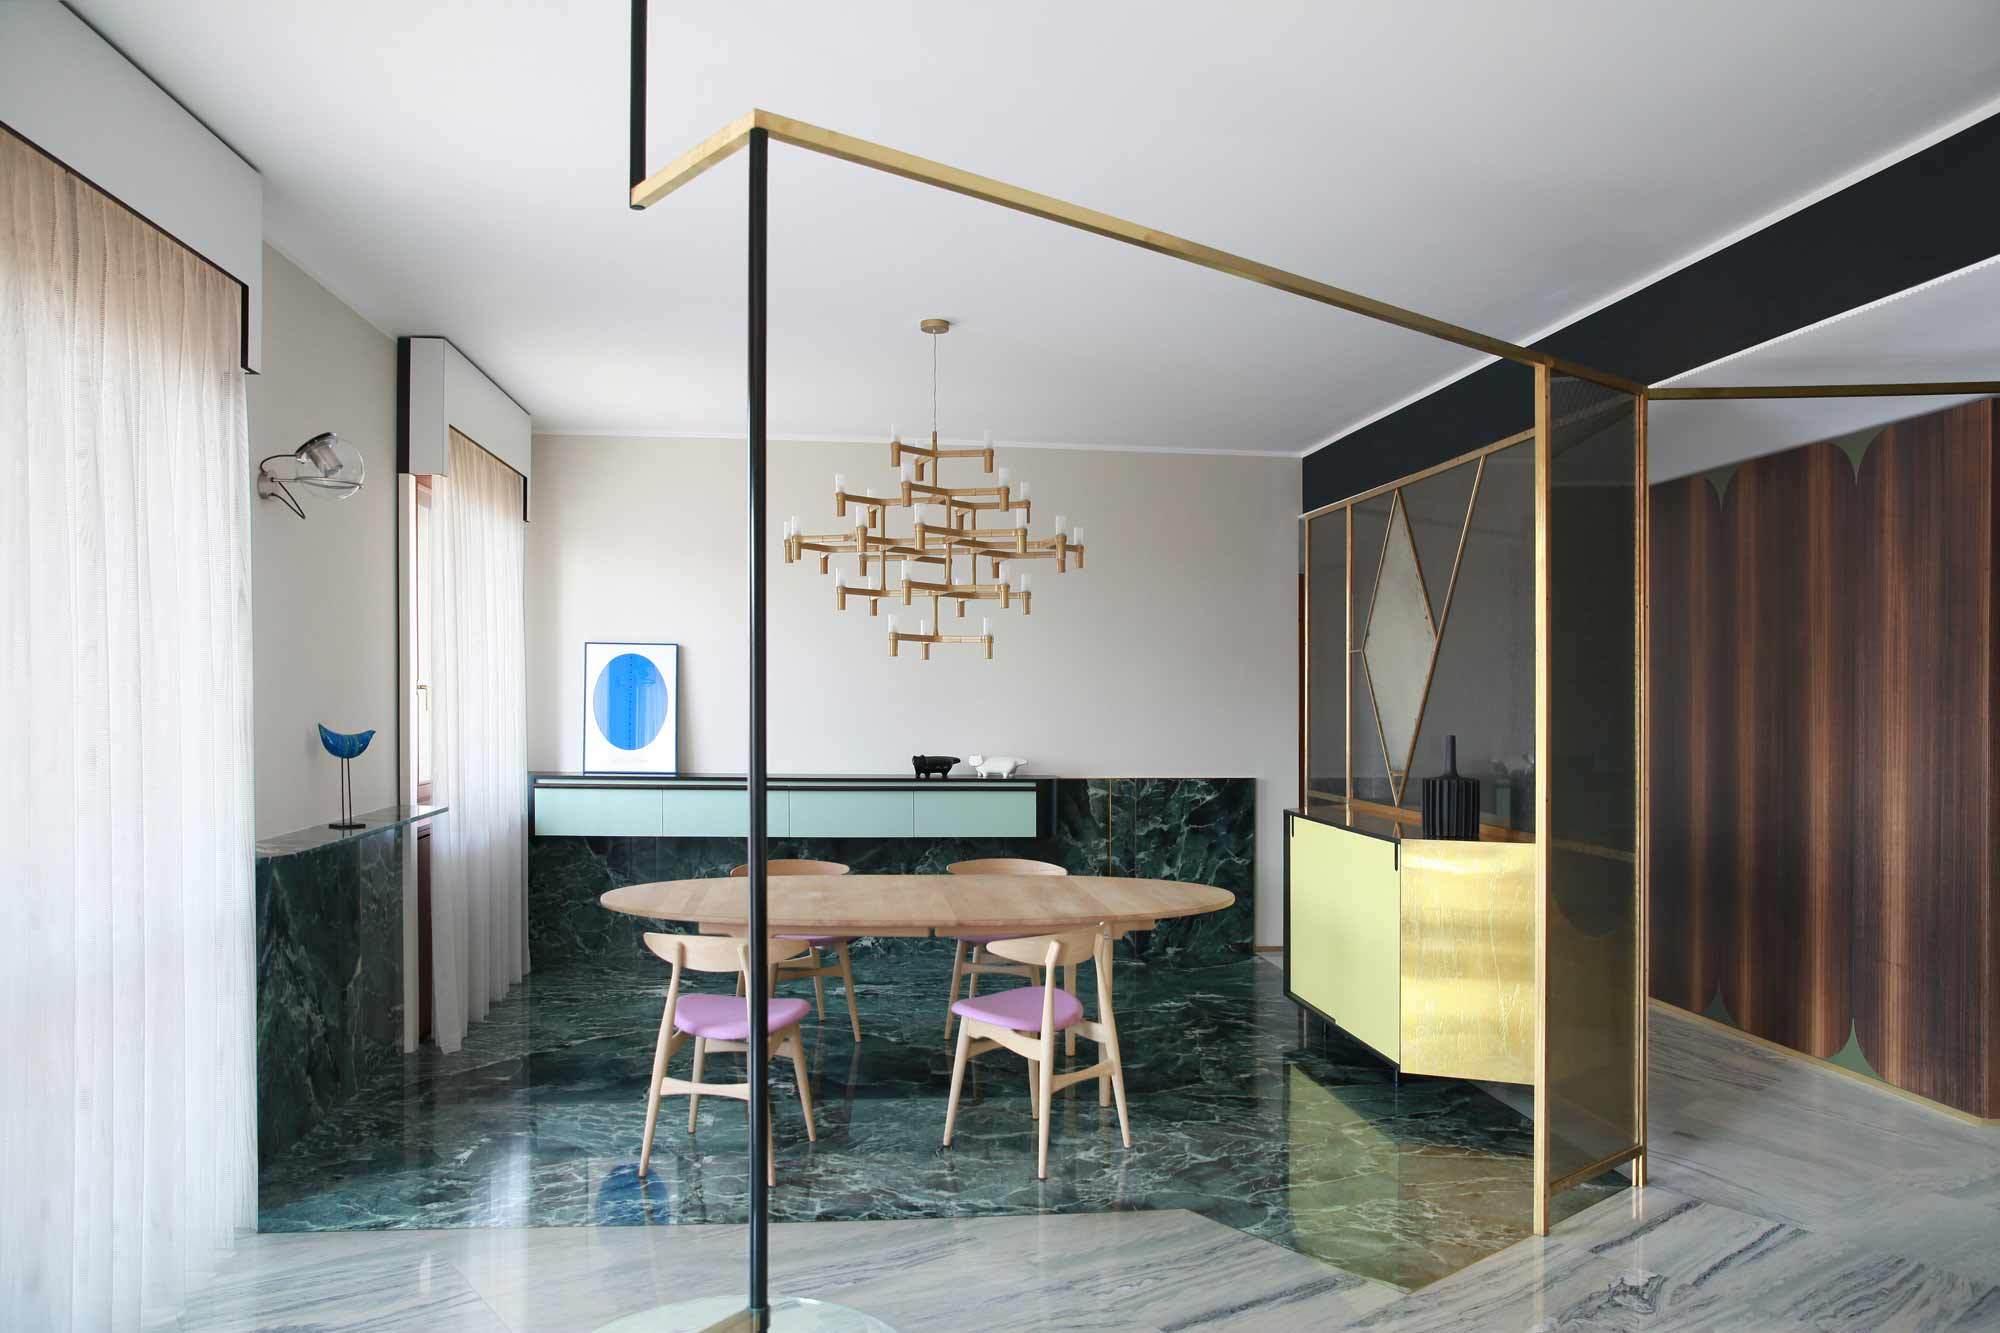 In dem von Marcante-Testa umgebauten Apartment in Mailand trifft zweckmäßige Funktionalität der Sechzigerjahre auf bürgerliche Opulenz.